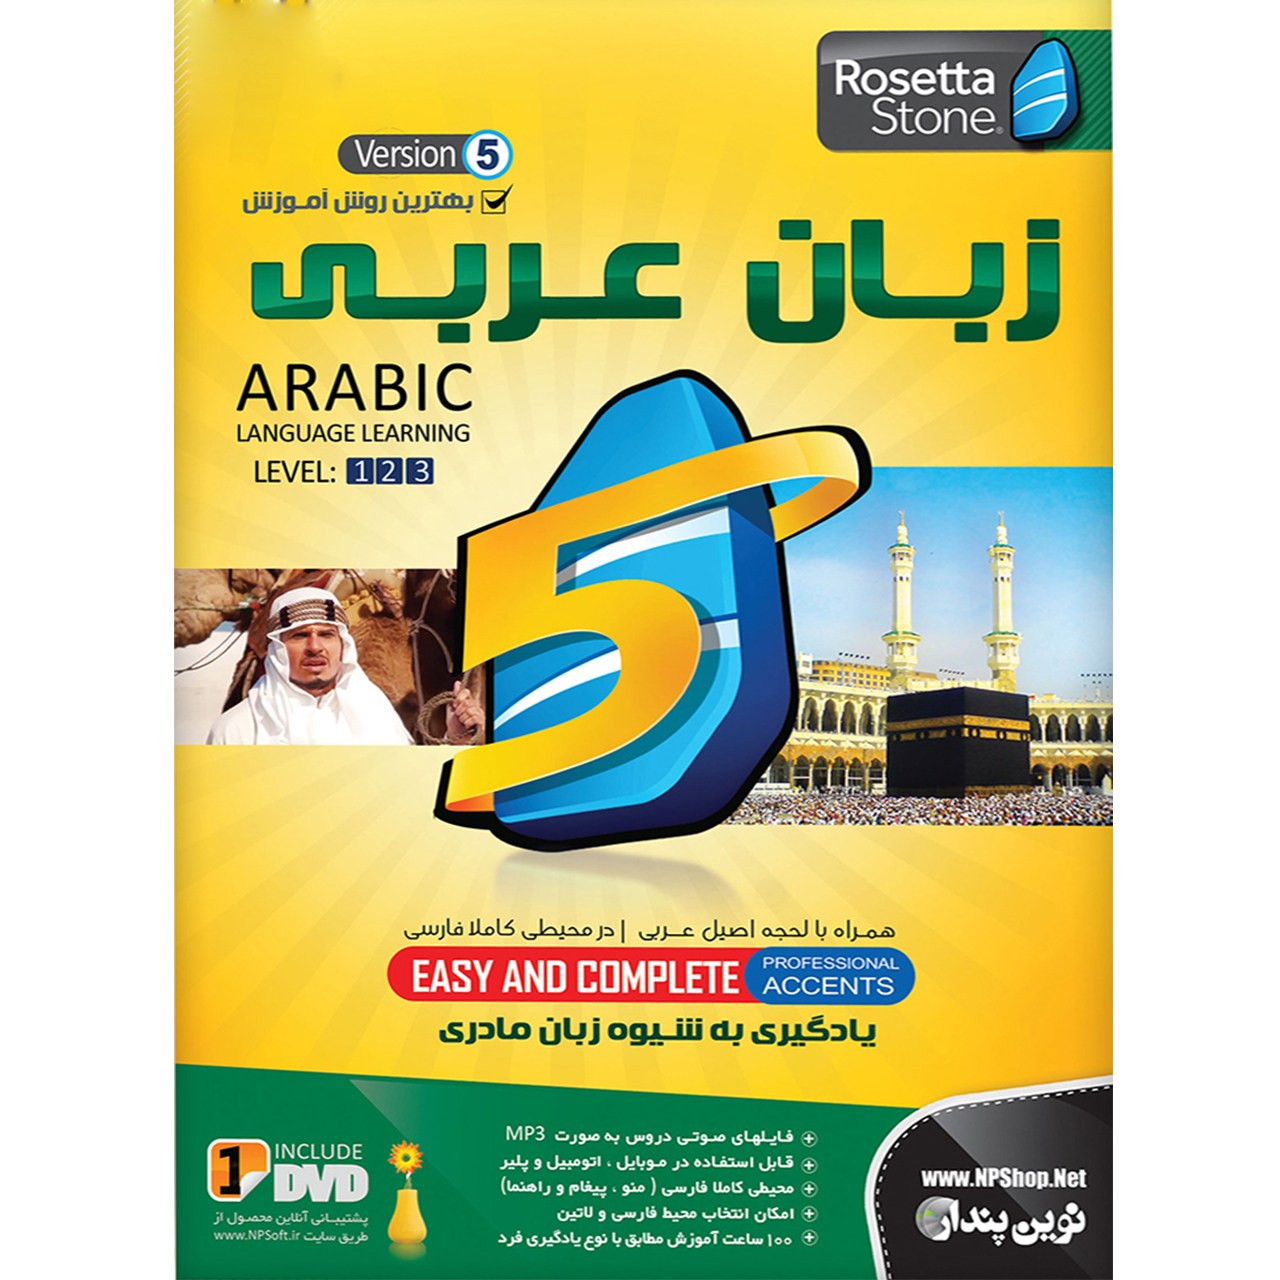 خرید اینترنتی نرم افزار آموزش زبان عربی رزتا استون نسخه 5 نشر نوین پندار